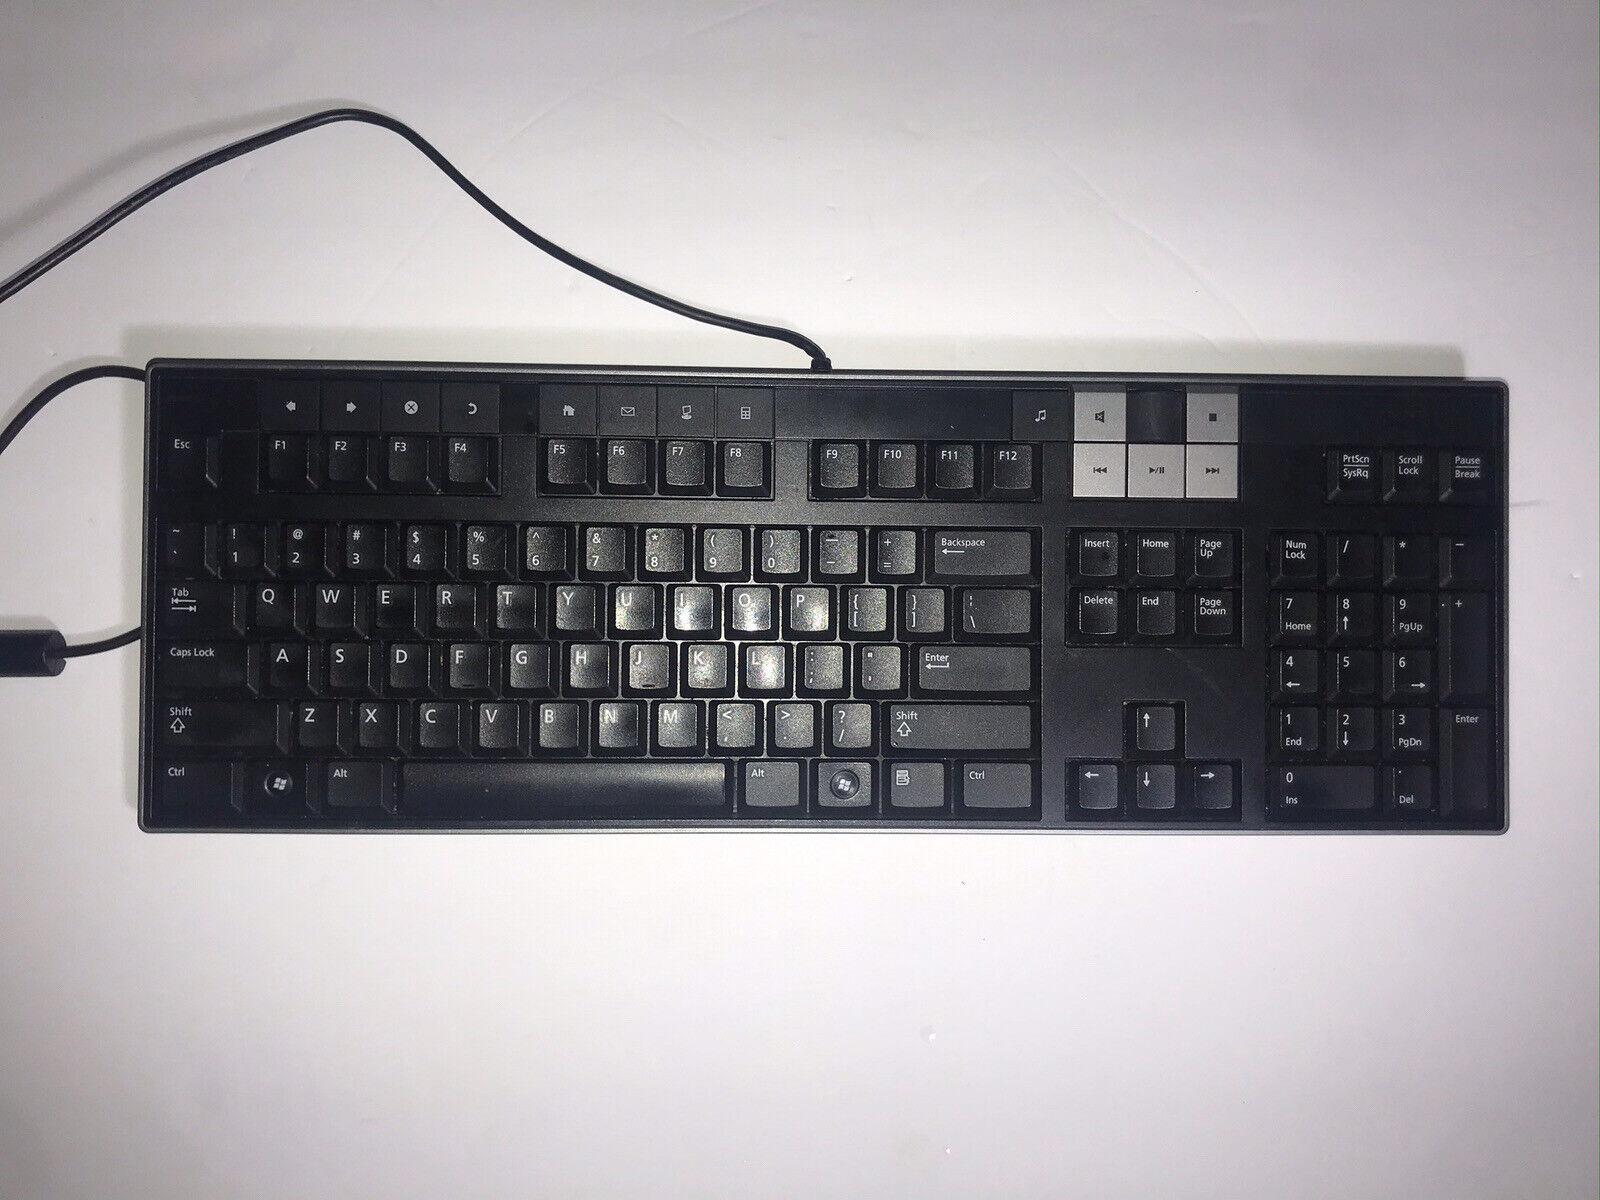 Dell U473D Slim Multimedia USB Keyboard & 2 Port USB Hub Y-U0003-DEL5 Tested*. Buy it now for 11.00